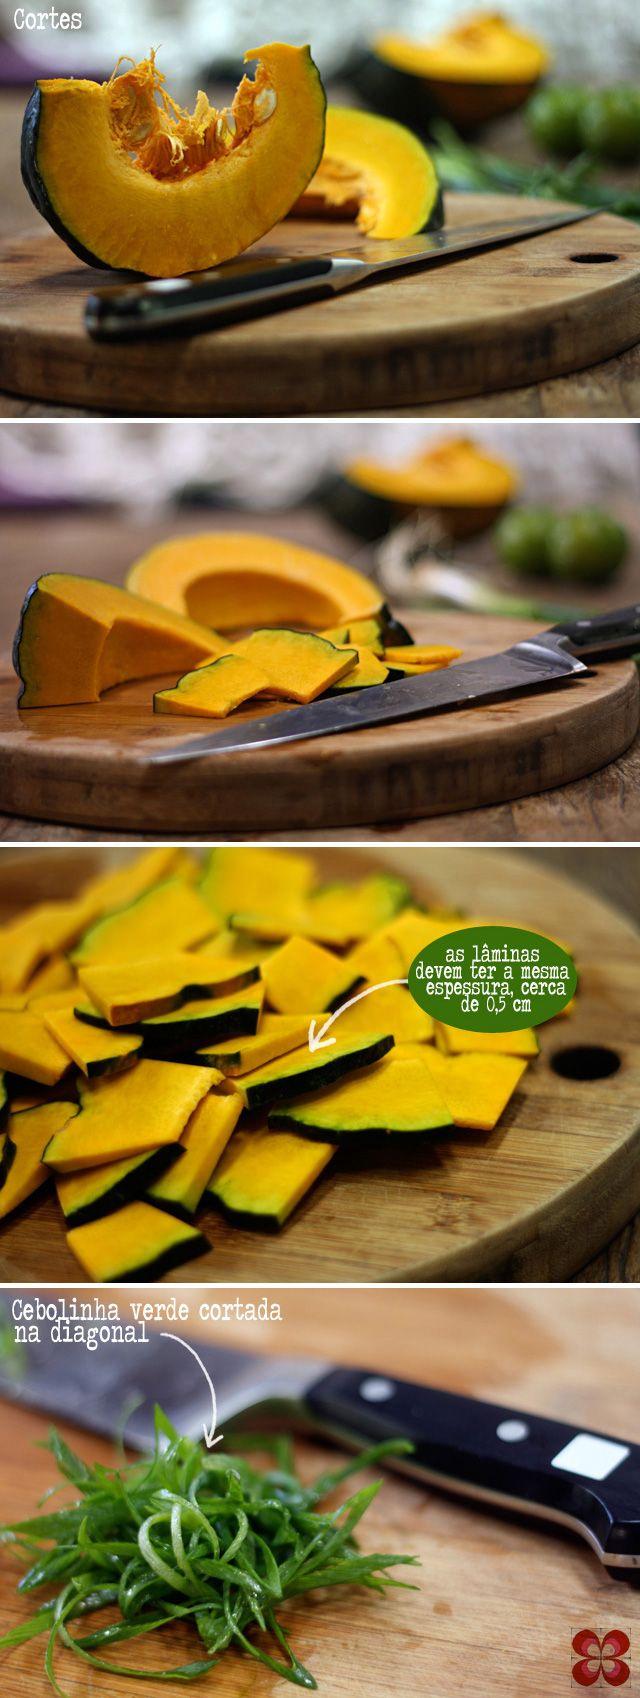 cortes-laminas-abobora-e-cebolinha-(leticia-massula-para-cozinha-da-matilde)